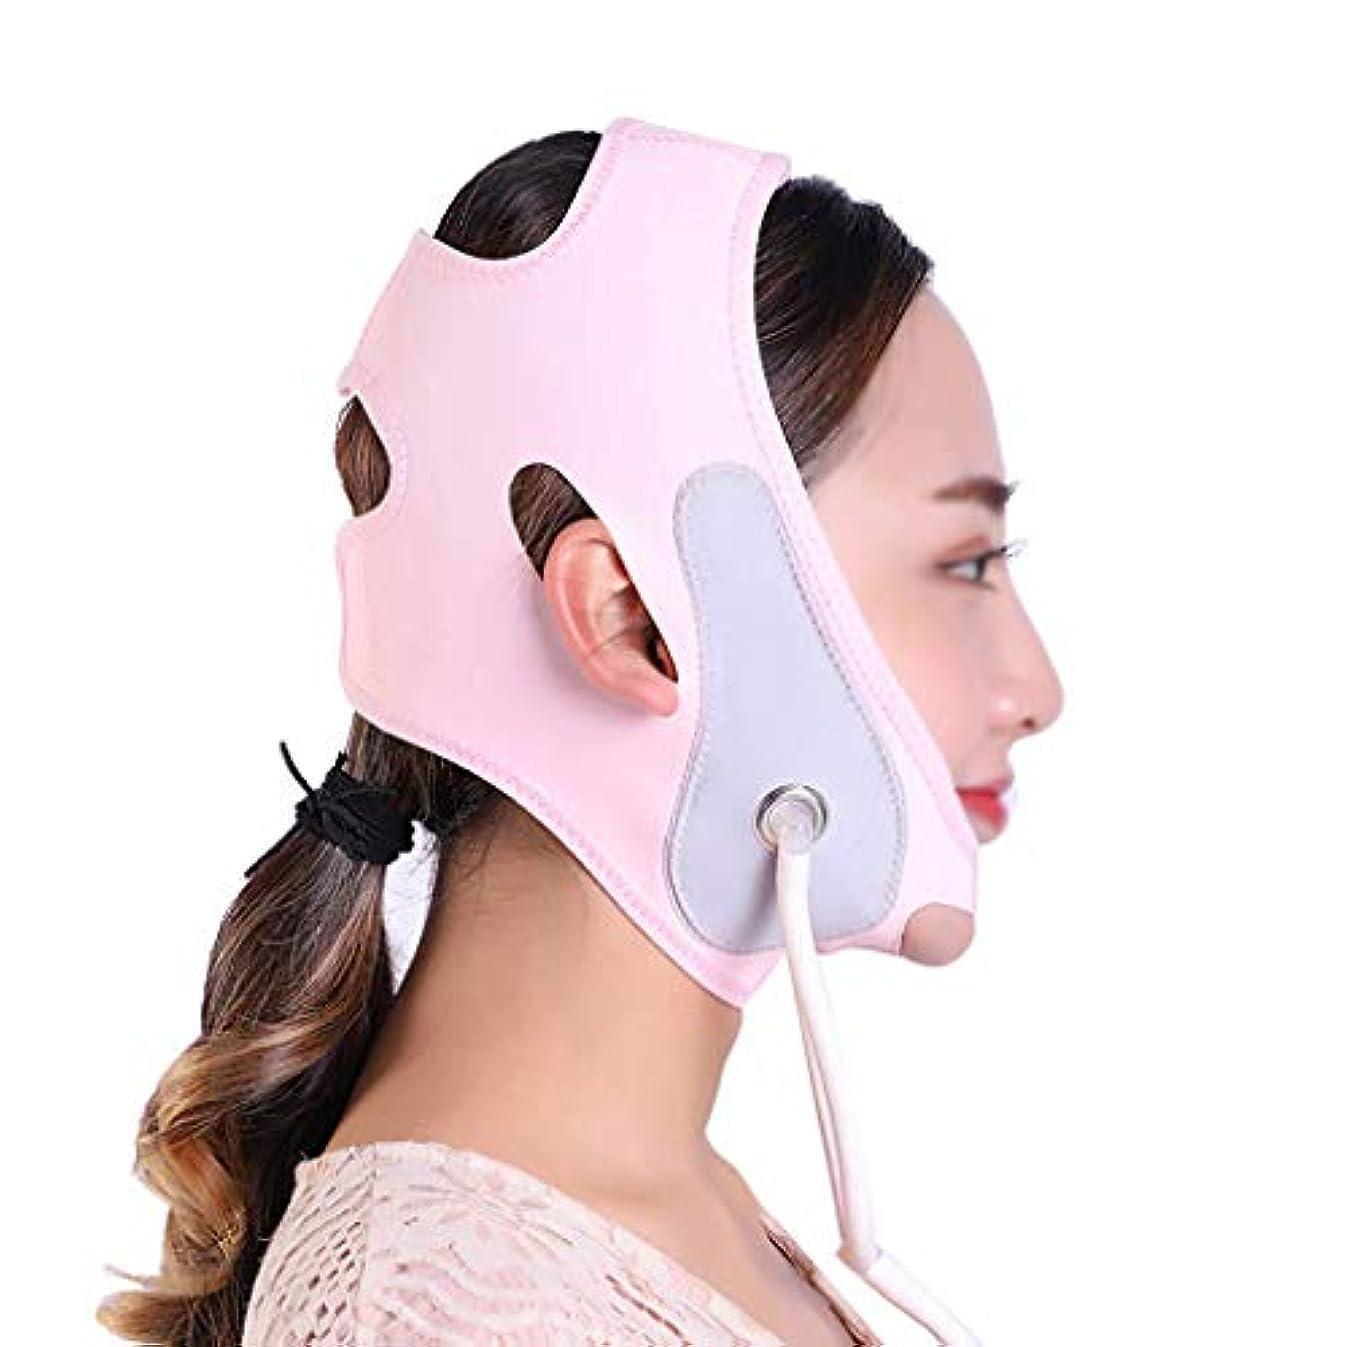 不誠実復活する腹顔と首のリフト後伸縮性スリーブシンフェイスマスク引き締め肌の改善マッサージリフティング収縮シンフェイス弾性包帯Vフェイスアーティファクト